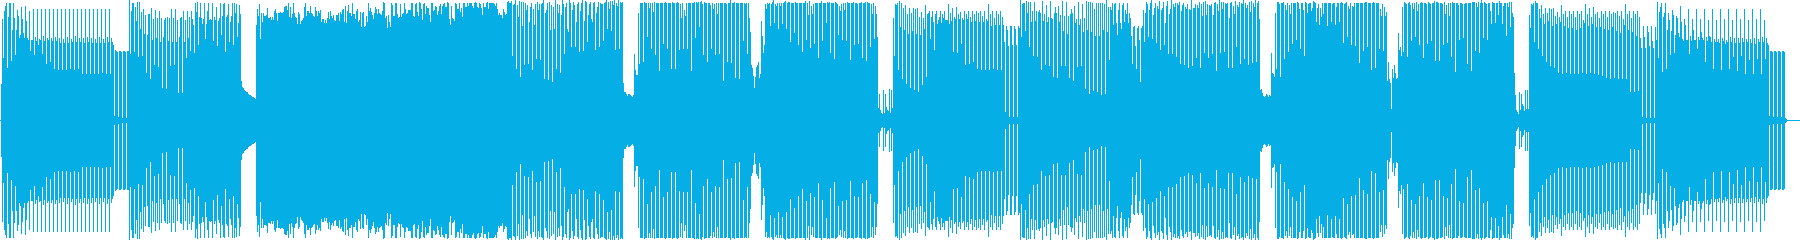 「アングラなノリノリEDM」の再生済みの波形